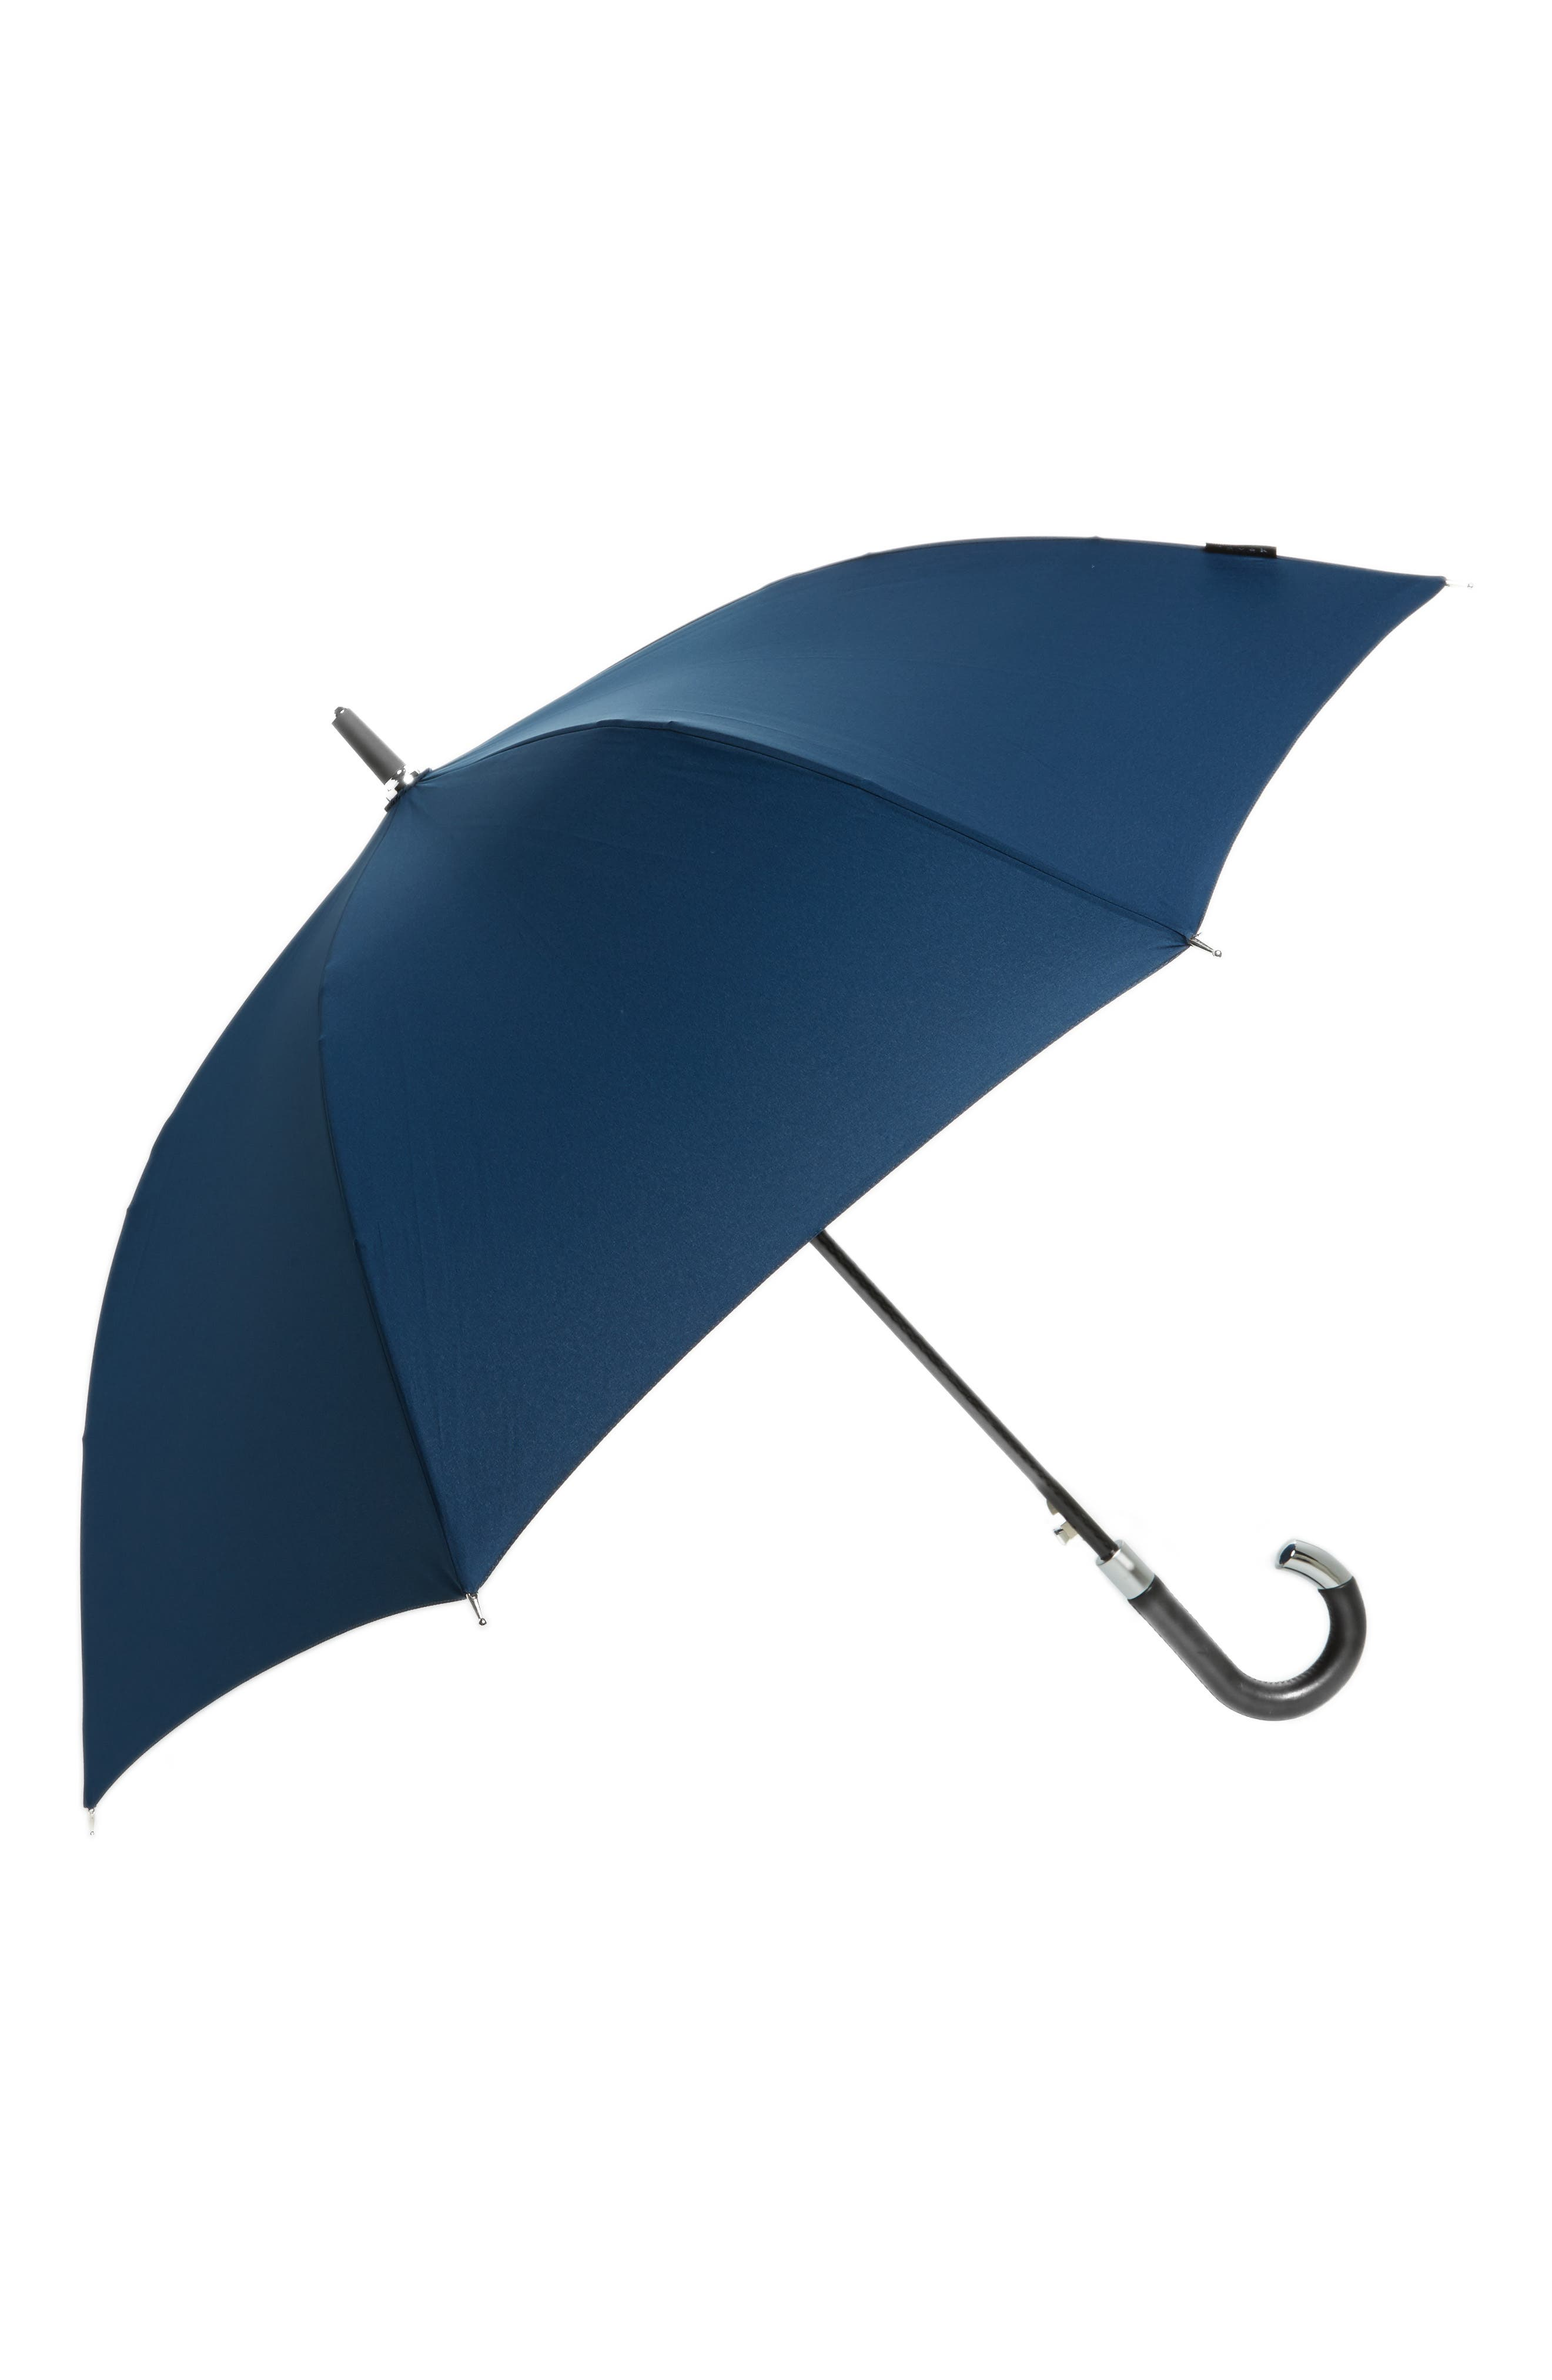 Elite Cane Umbrella,                         Main,                         color, Navy Blue